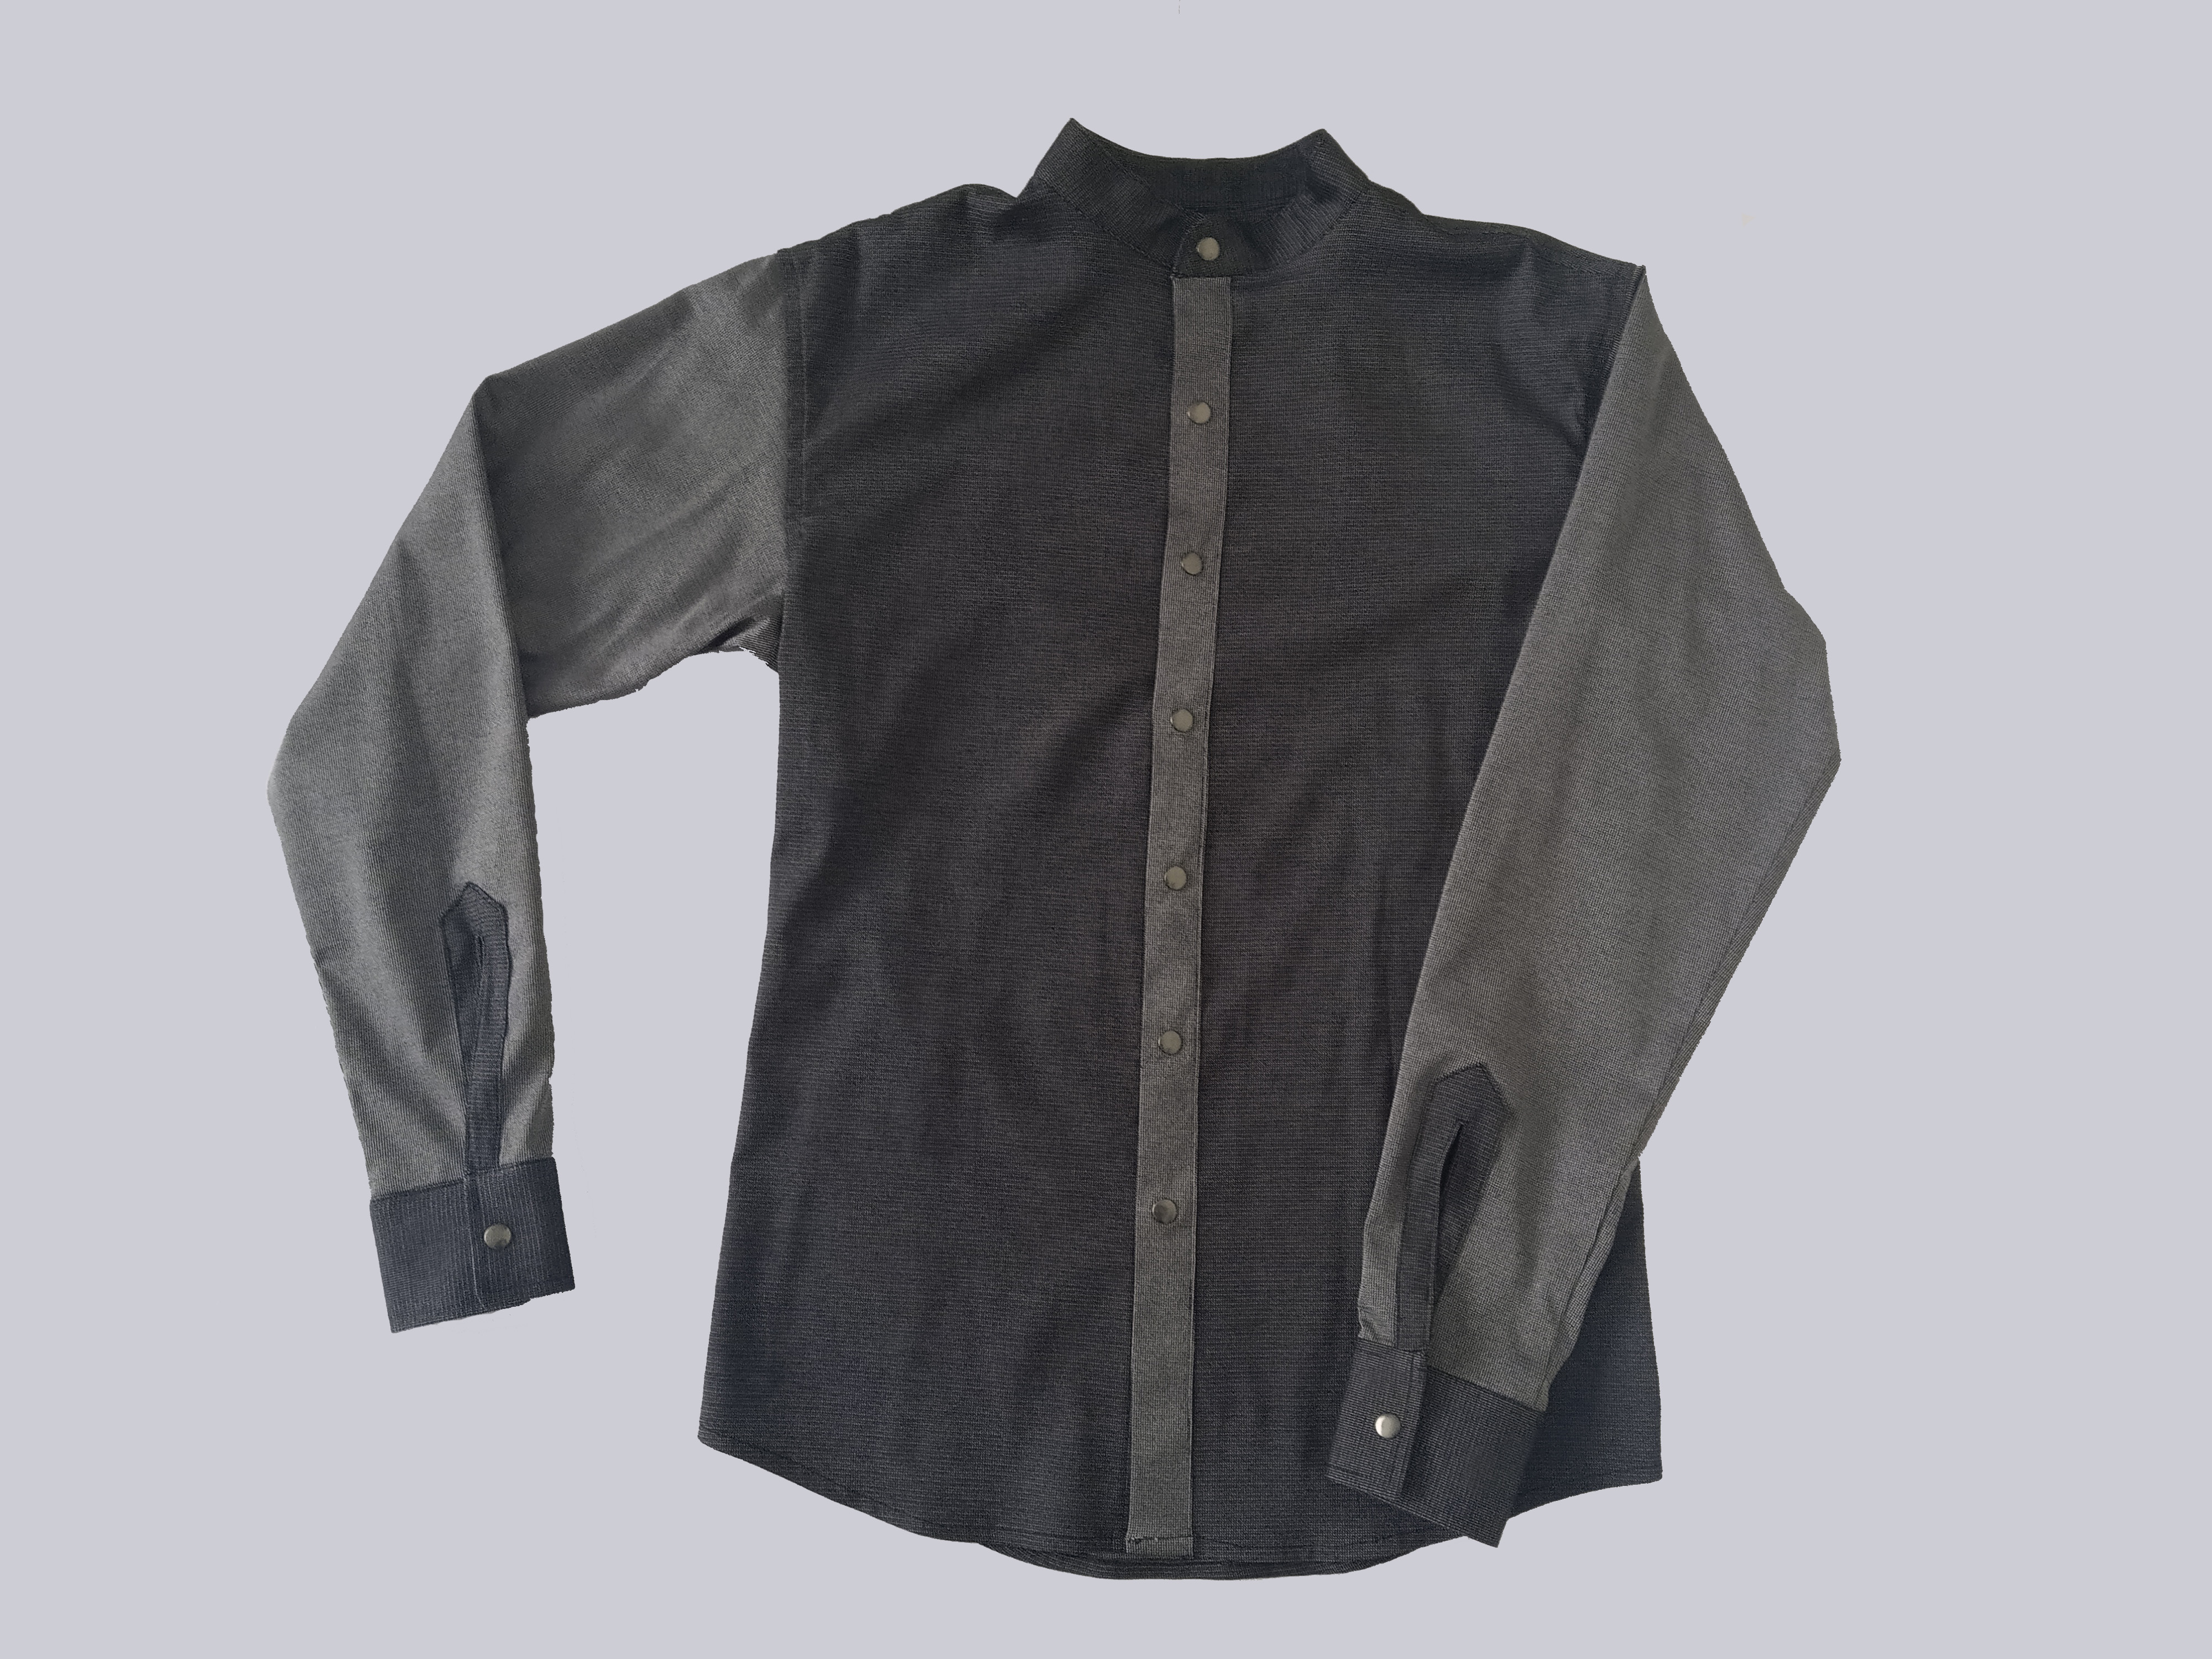 Littmus shirt